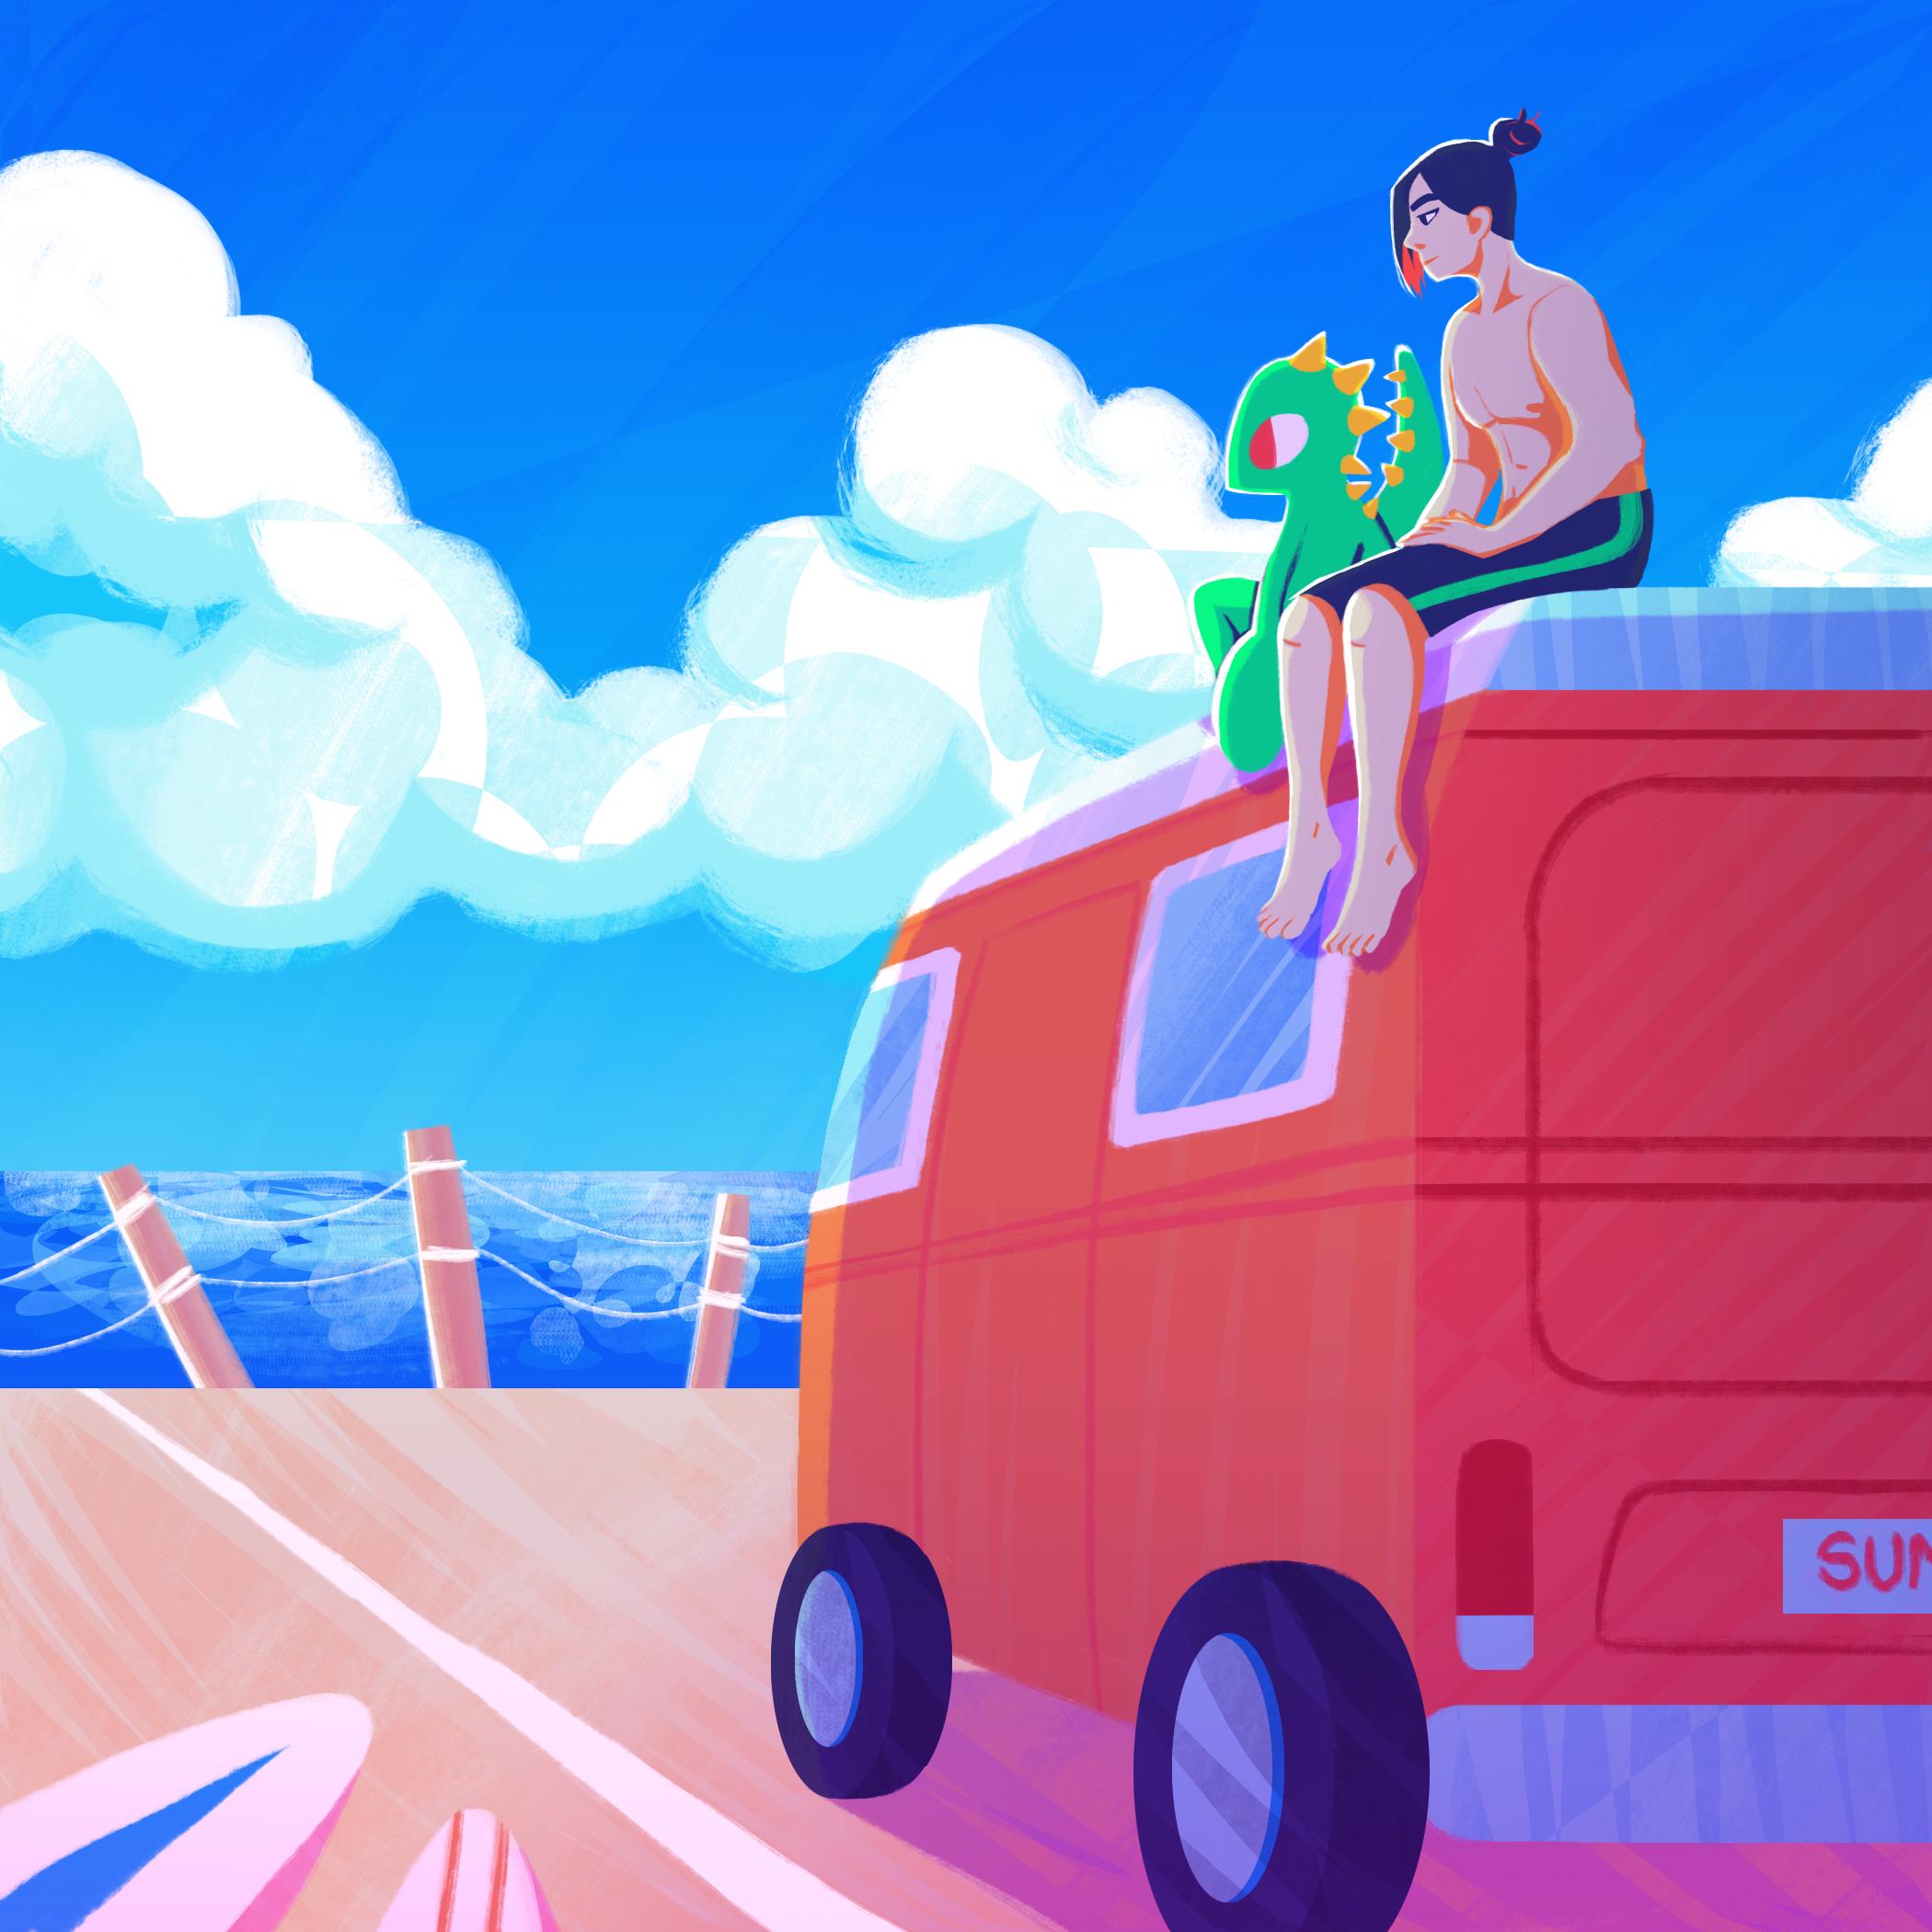 sunsurf